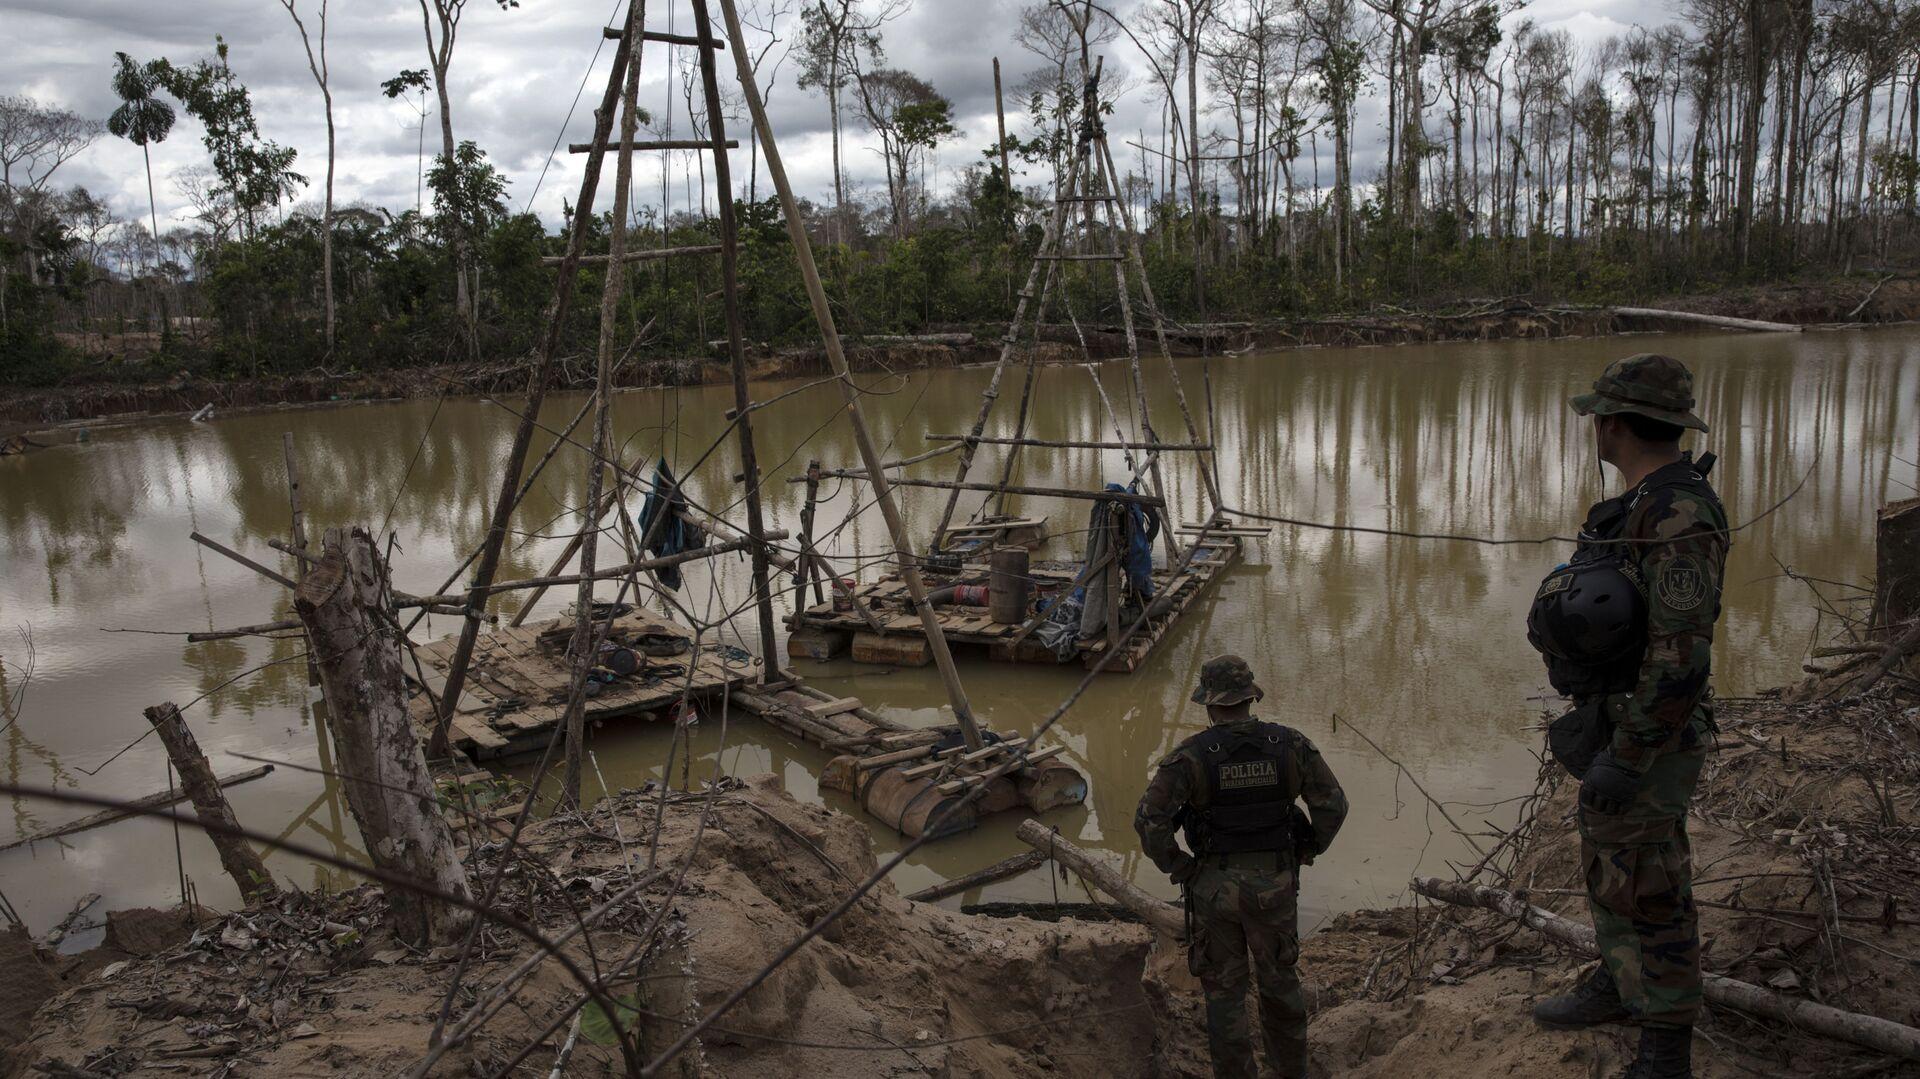 El agua contaminada cerca de la minería de oro en Perú - Sputnik Mundo, 1920, 22.07.2021